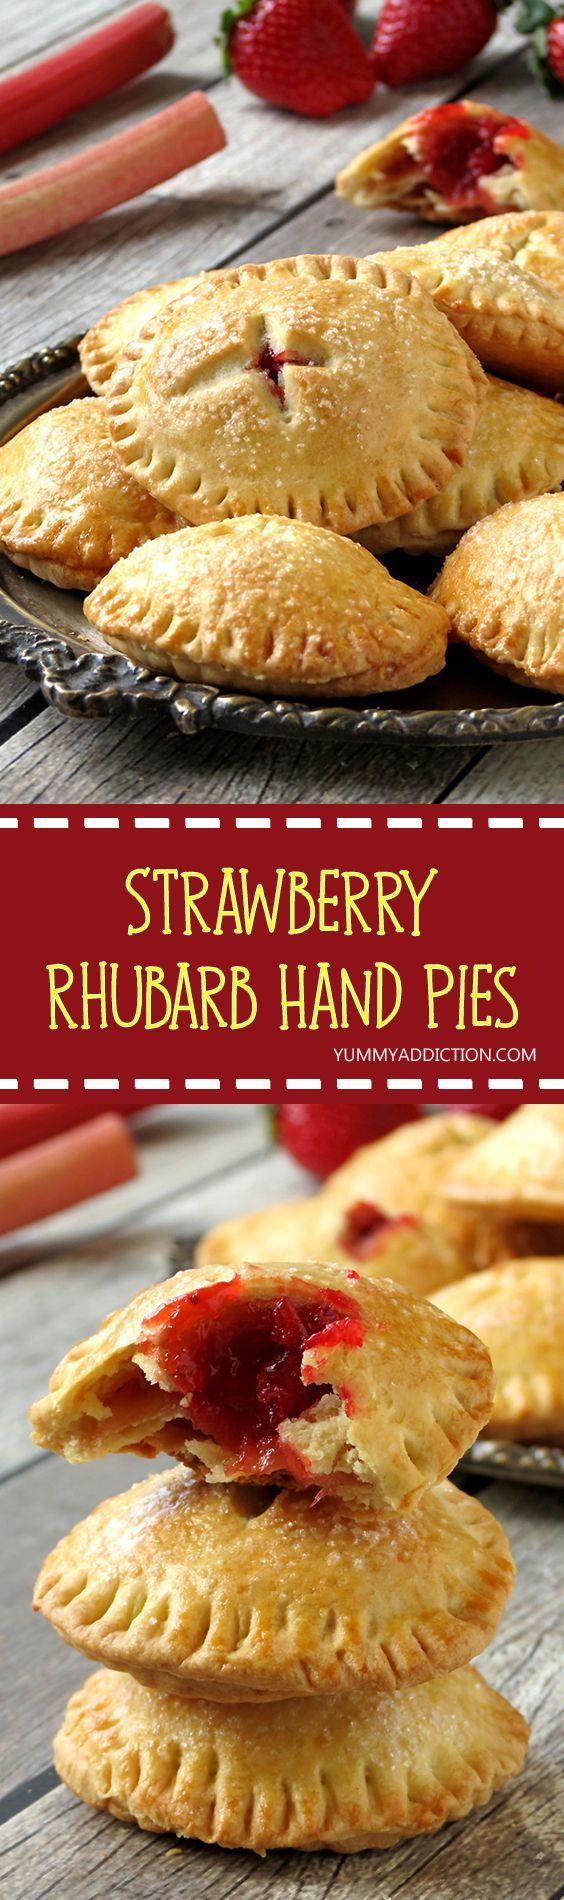 Strawberry Rhubarb Hand Pies | yummyaddiction.com